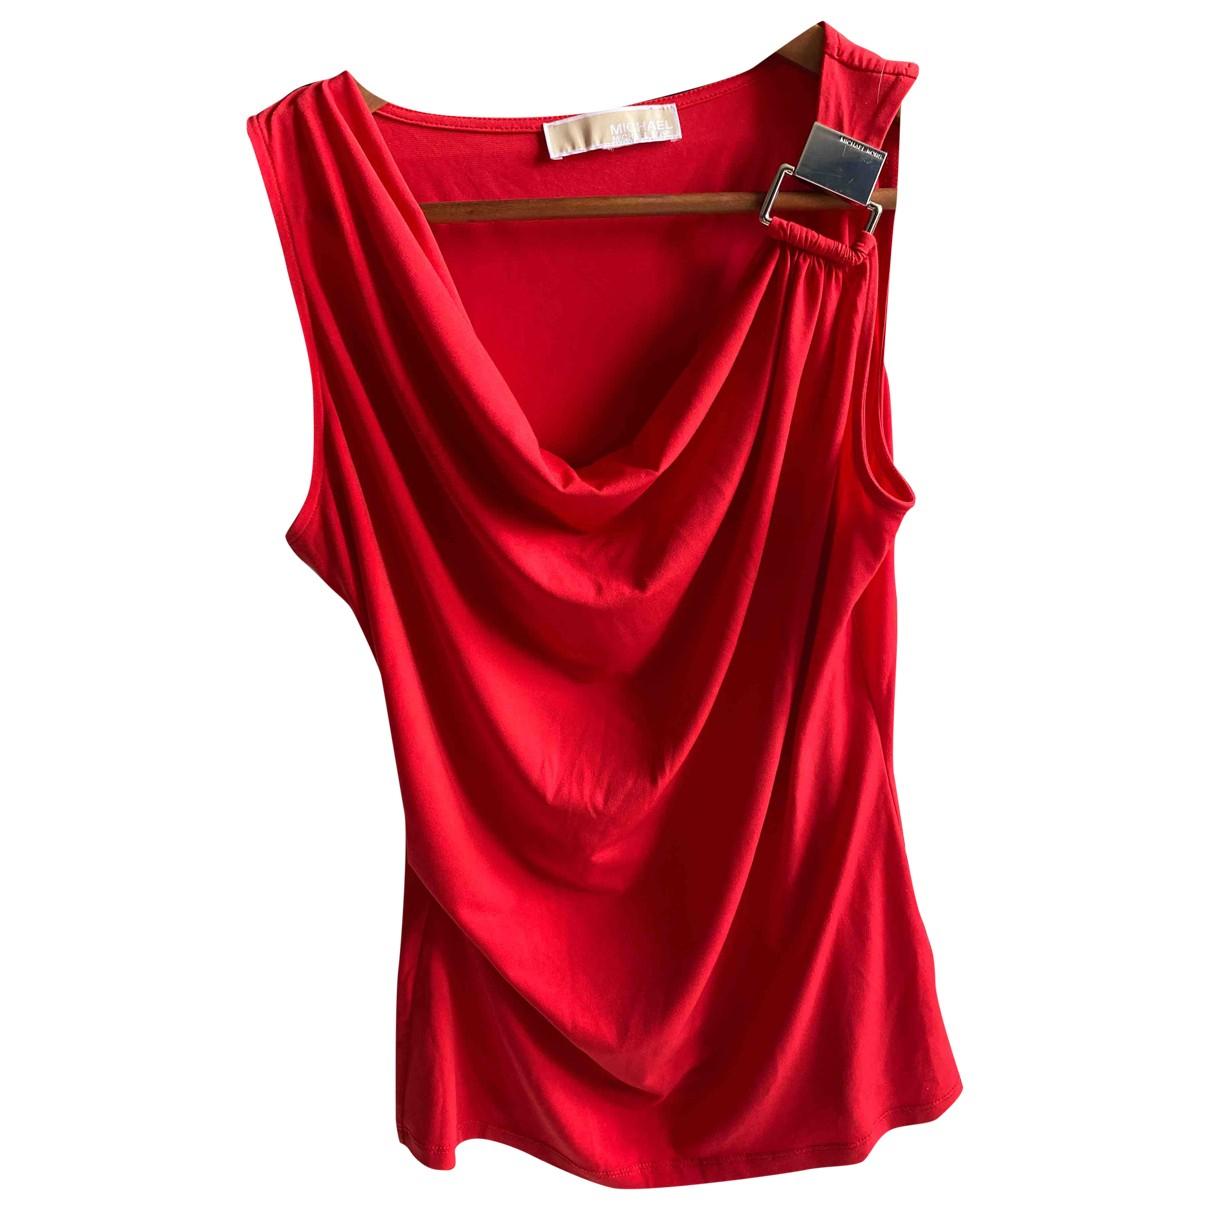 Michael Kors - Top   pour femme - rouge